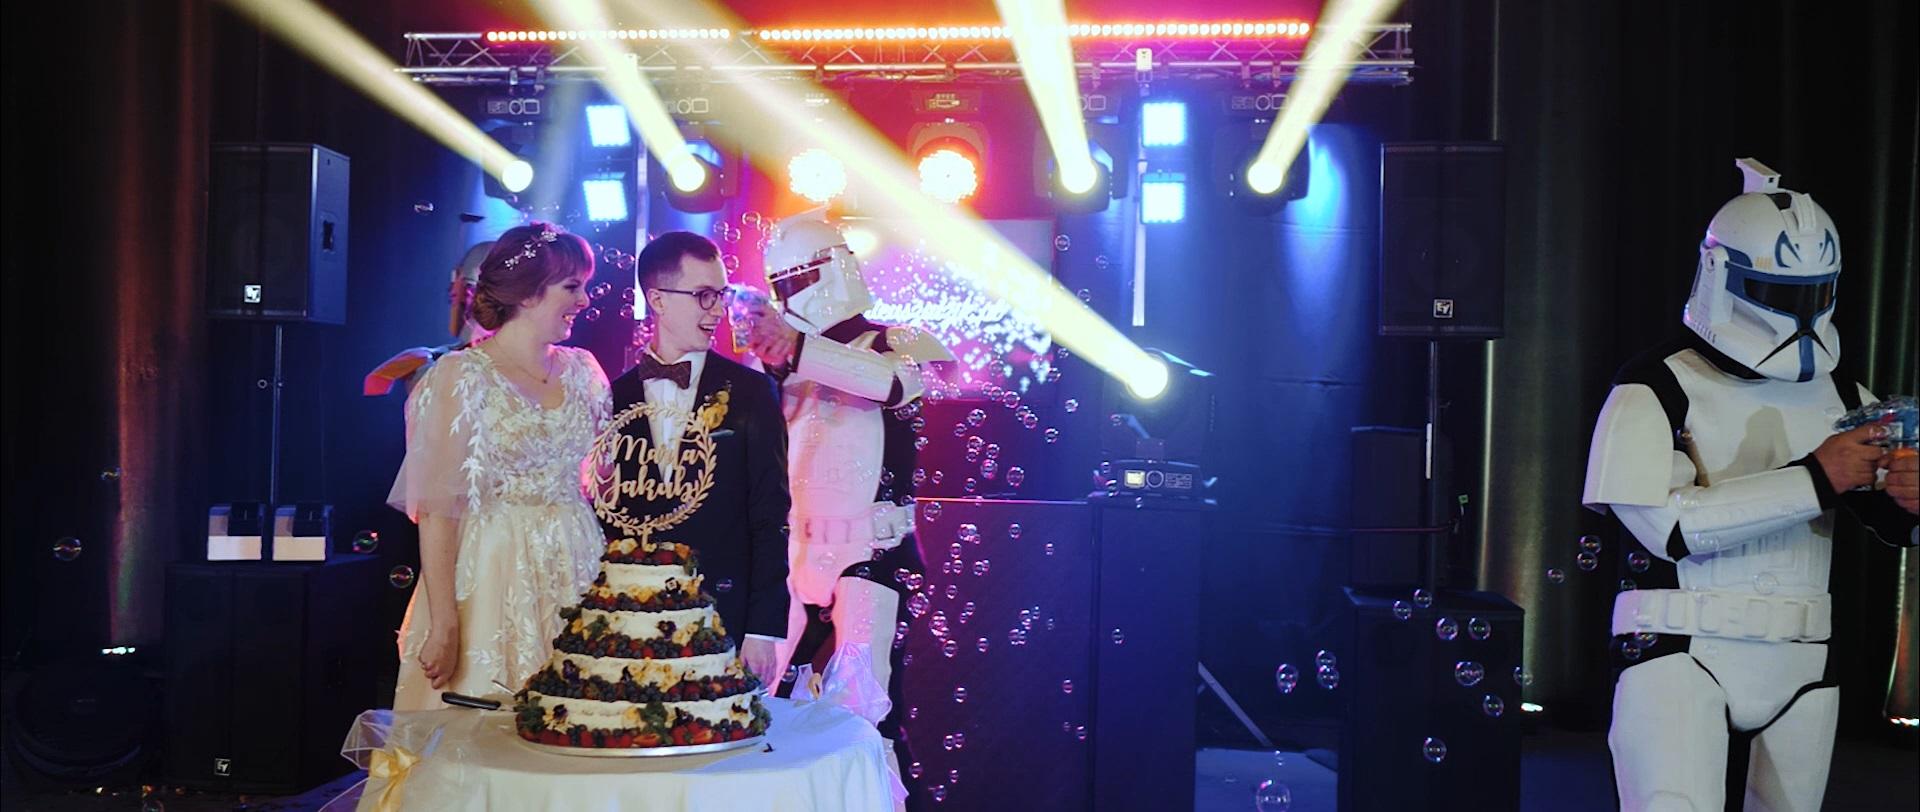 star wars wedding gwiezdne wojny ślub wesele